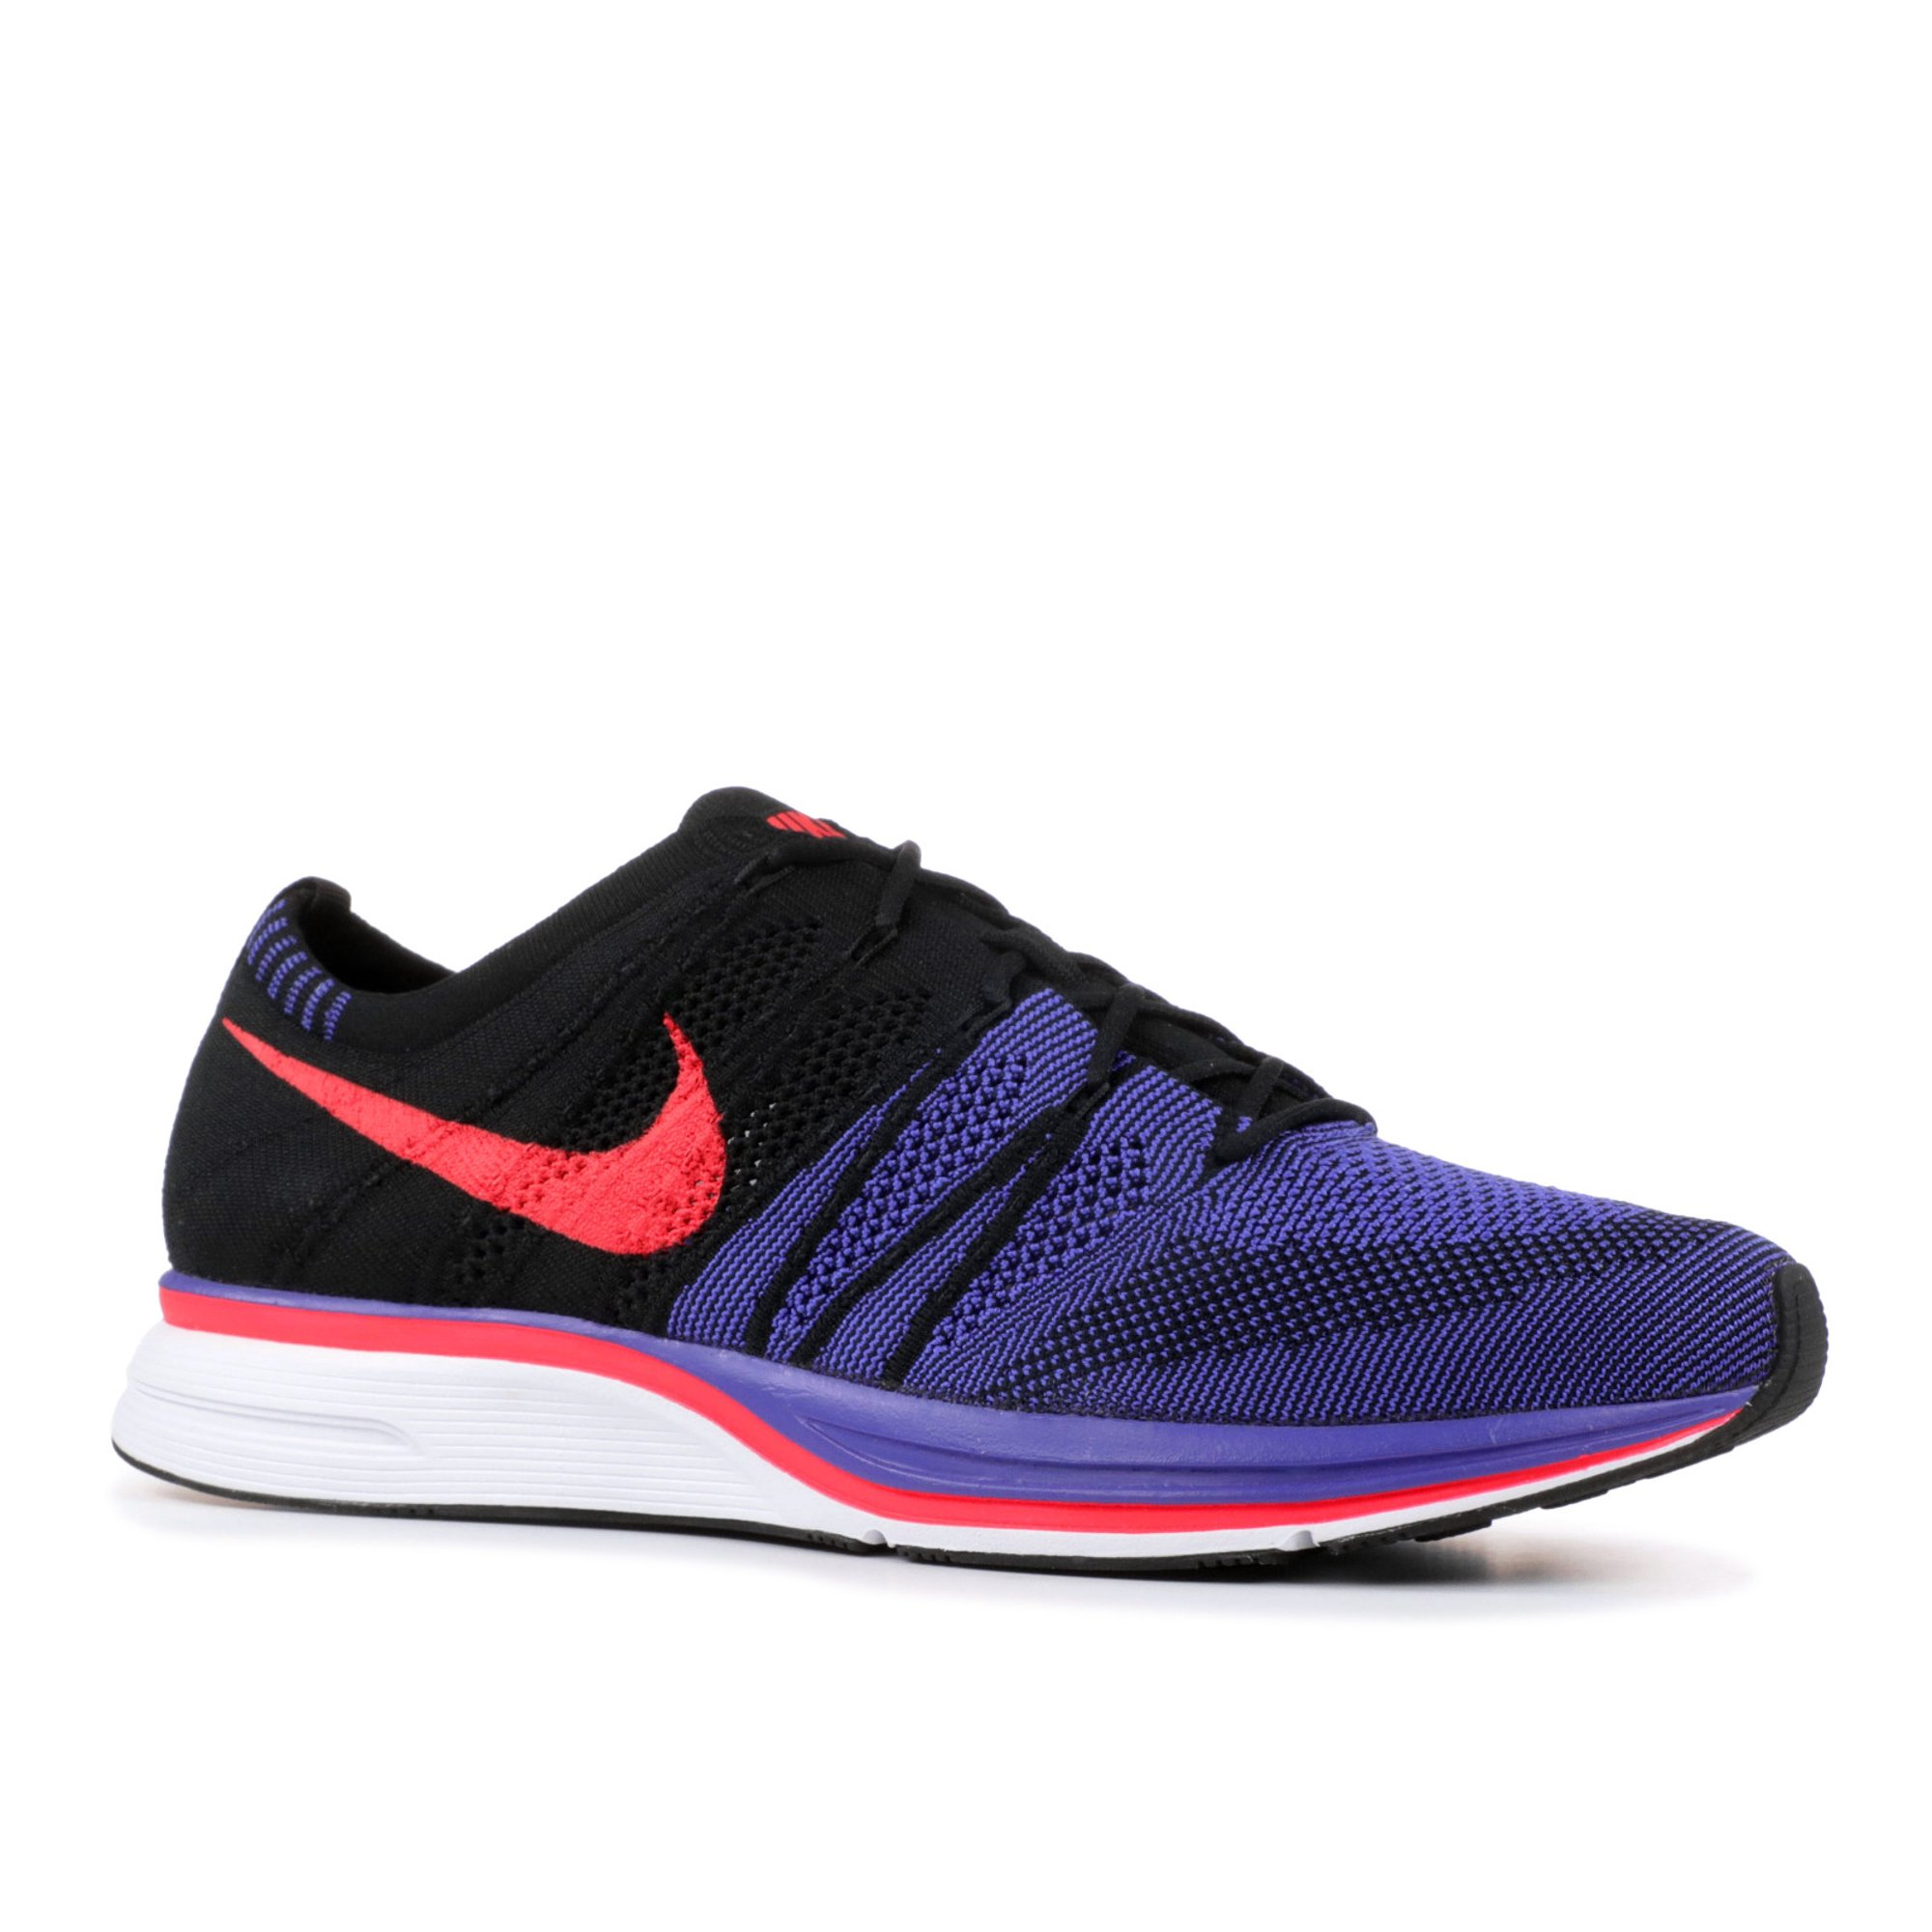 dcf029432699 Nike - Men - Nike Flyknit Trainer - Ah8396-003 - Size 9